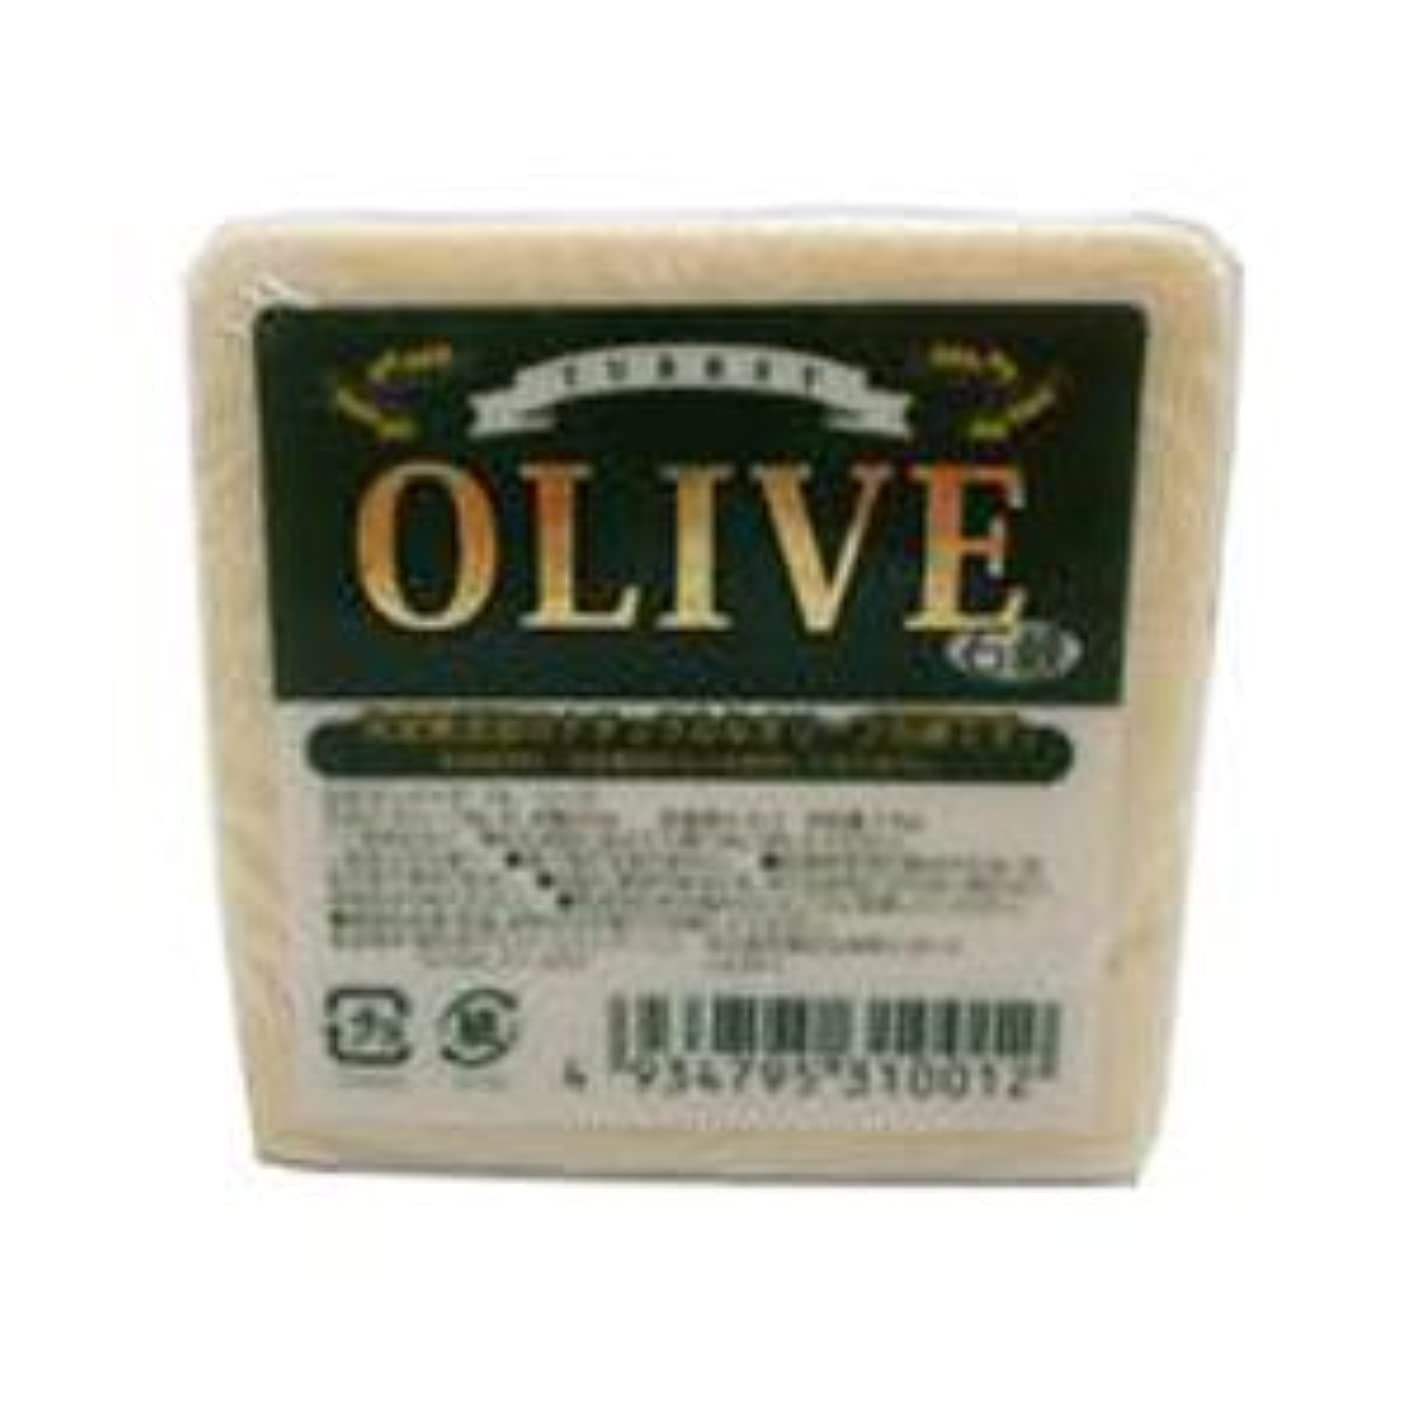 素晴らしきベール暴露するお得な5個セット トルコ産オリーブを使用した無添加石鹸 ターキーオリーブ石鹸 135g